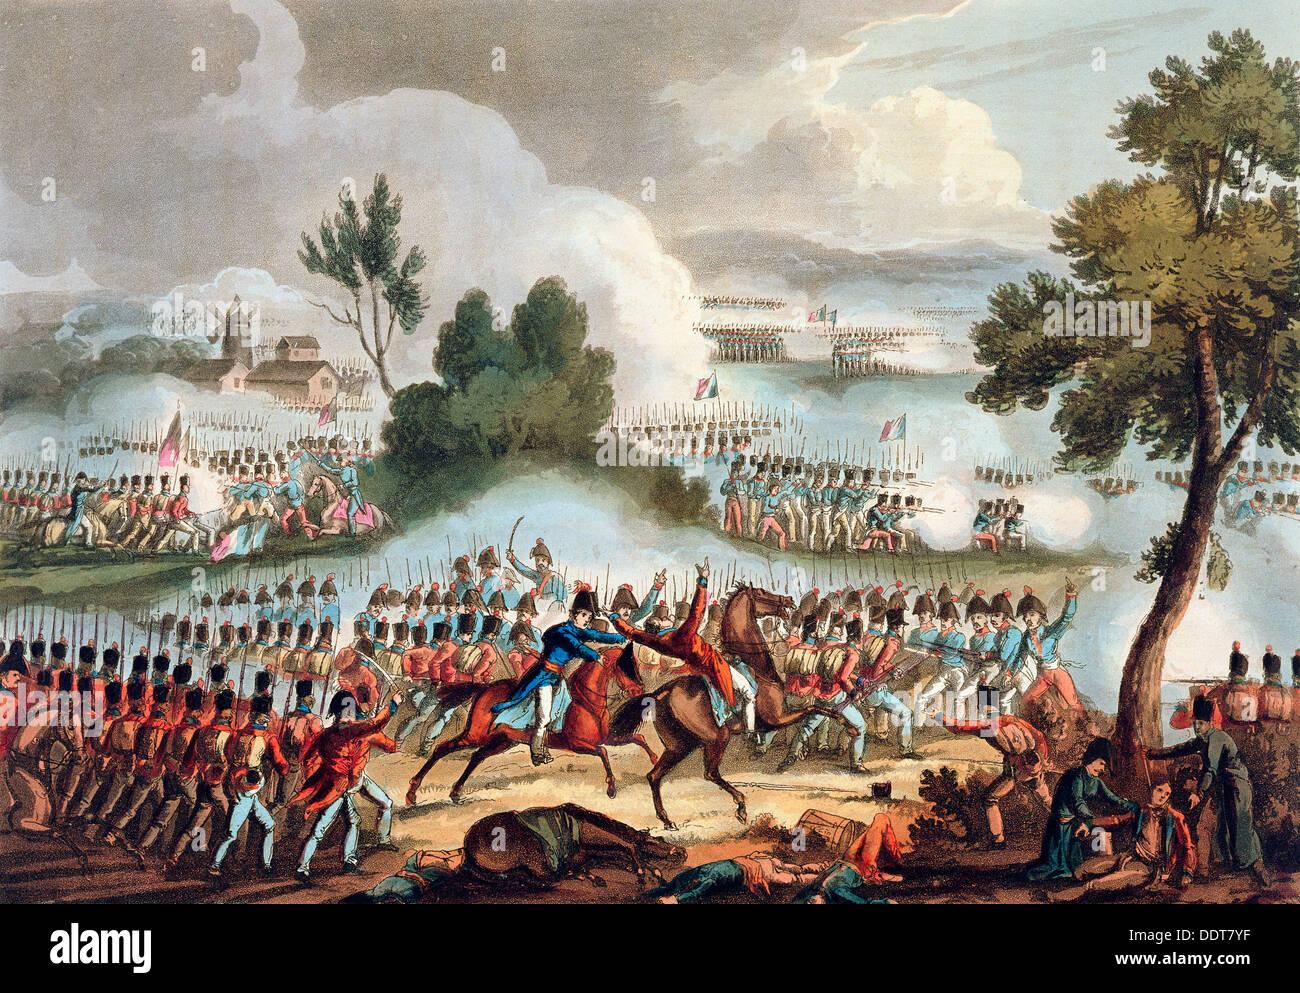 """""""Der linke Flügel der britischen Armee im Einsatz bei der Schlacht bei Waterloo, 18. Juni 1815 Künstler: Thomas Sutherland Stockbild"""